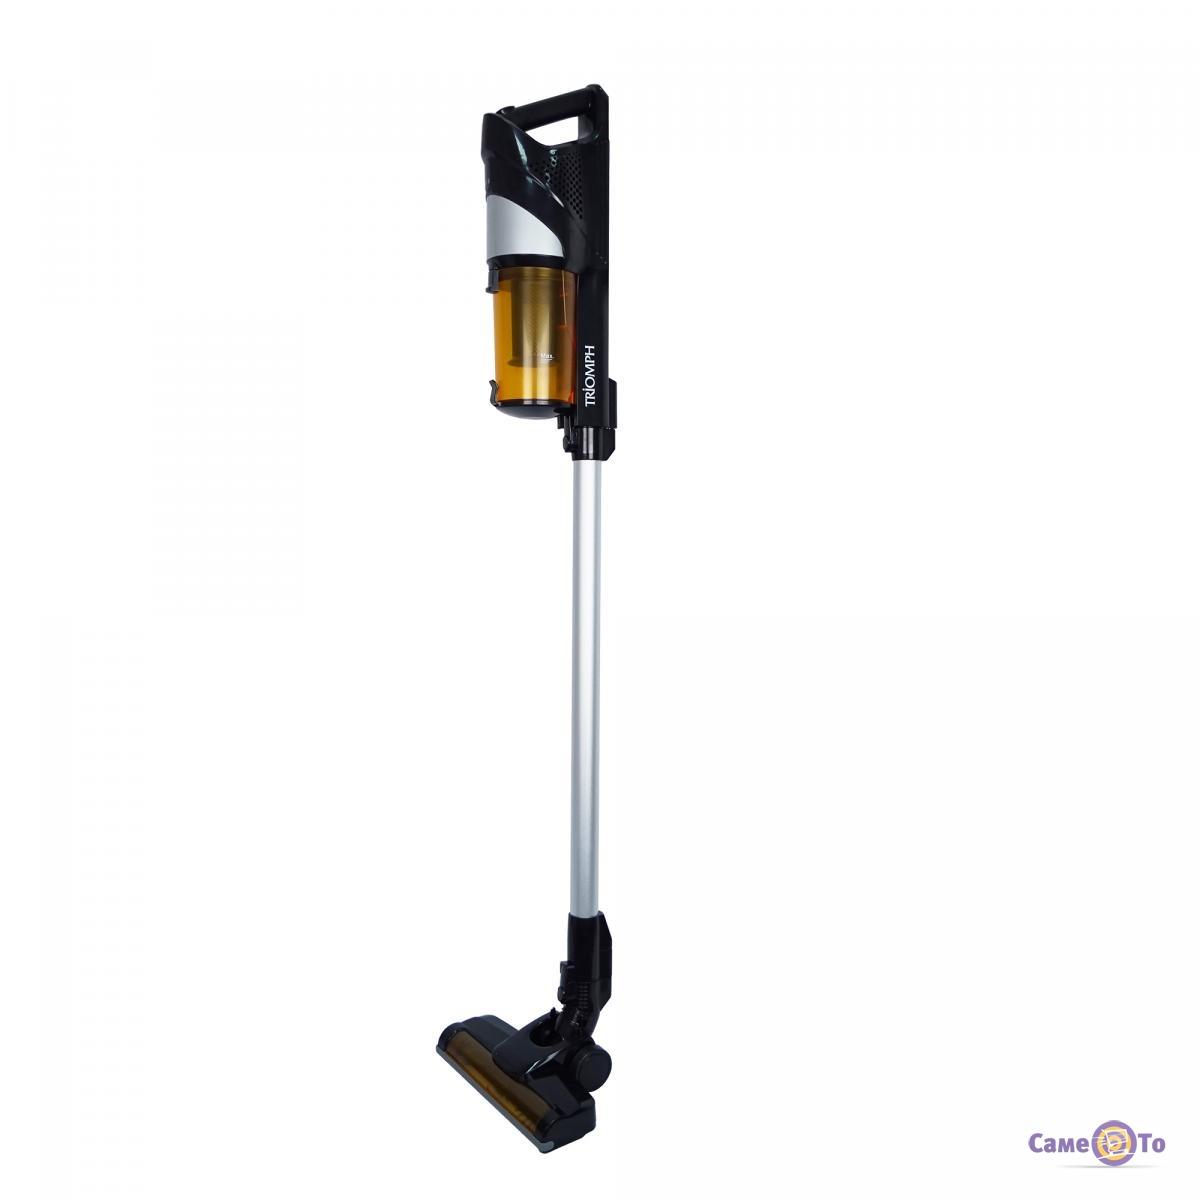 Беспроводной пылесос Triomph ETF1797 - удобный вертикальный пылесос